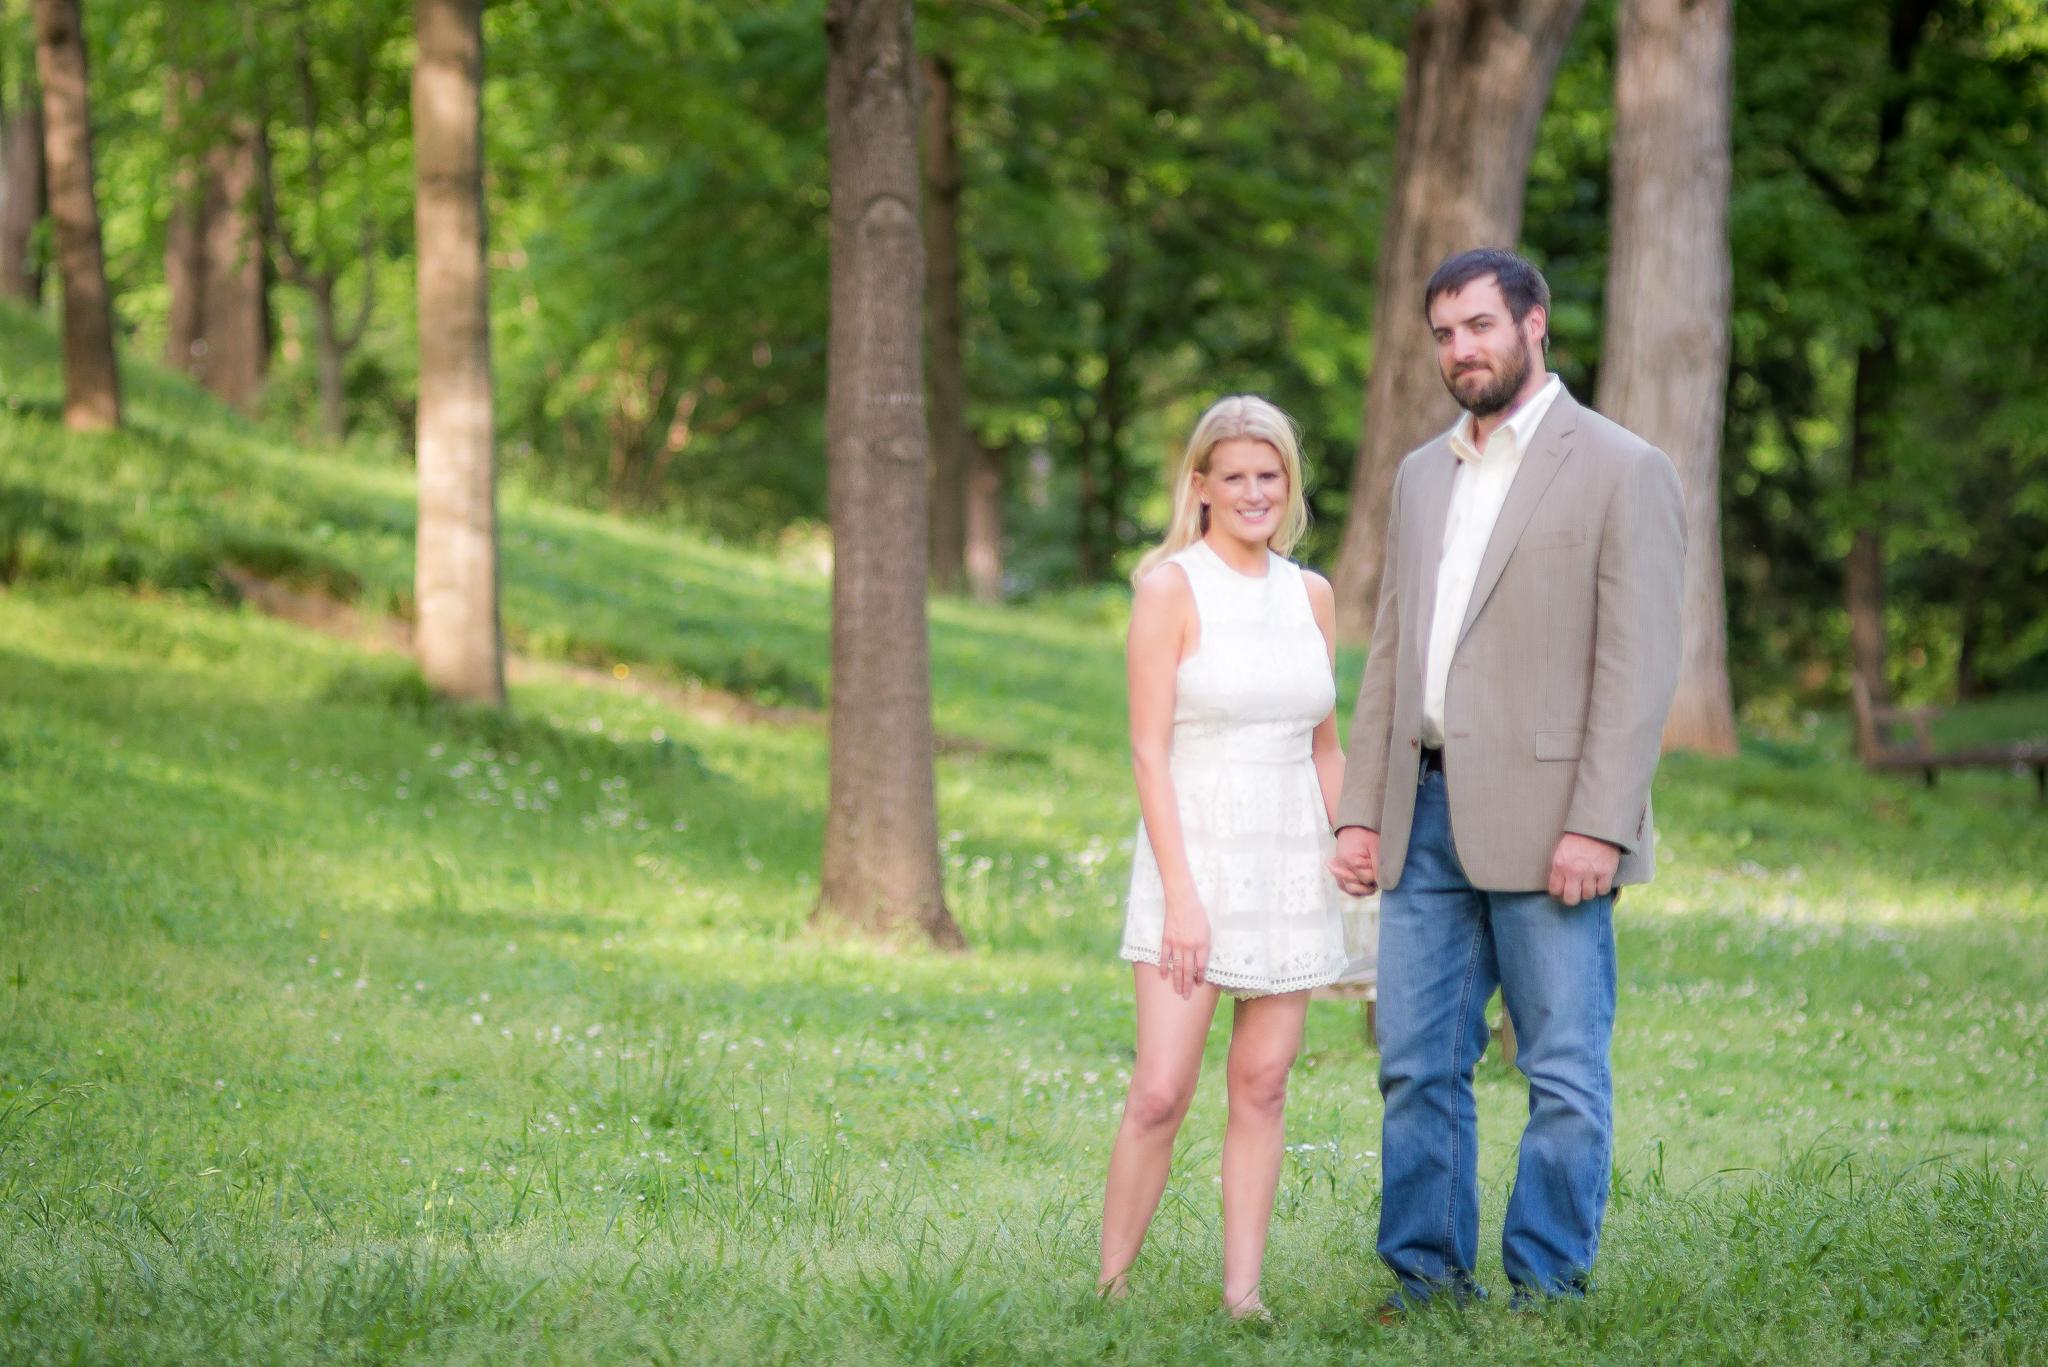 MorganKaty_engagement_wedding_iwally-7.jpg